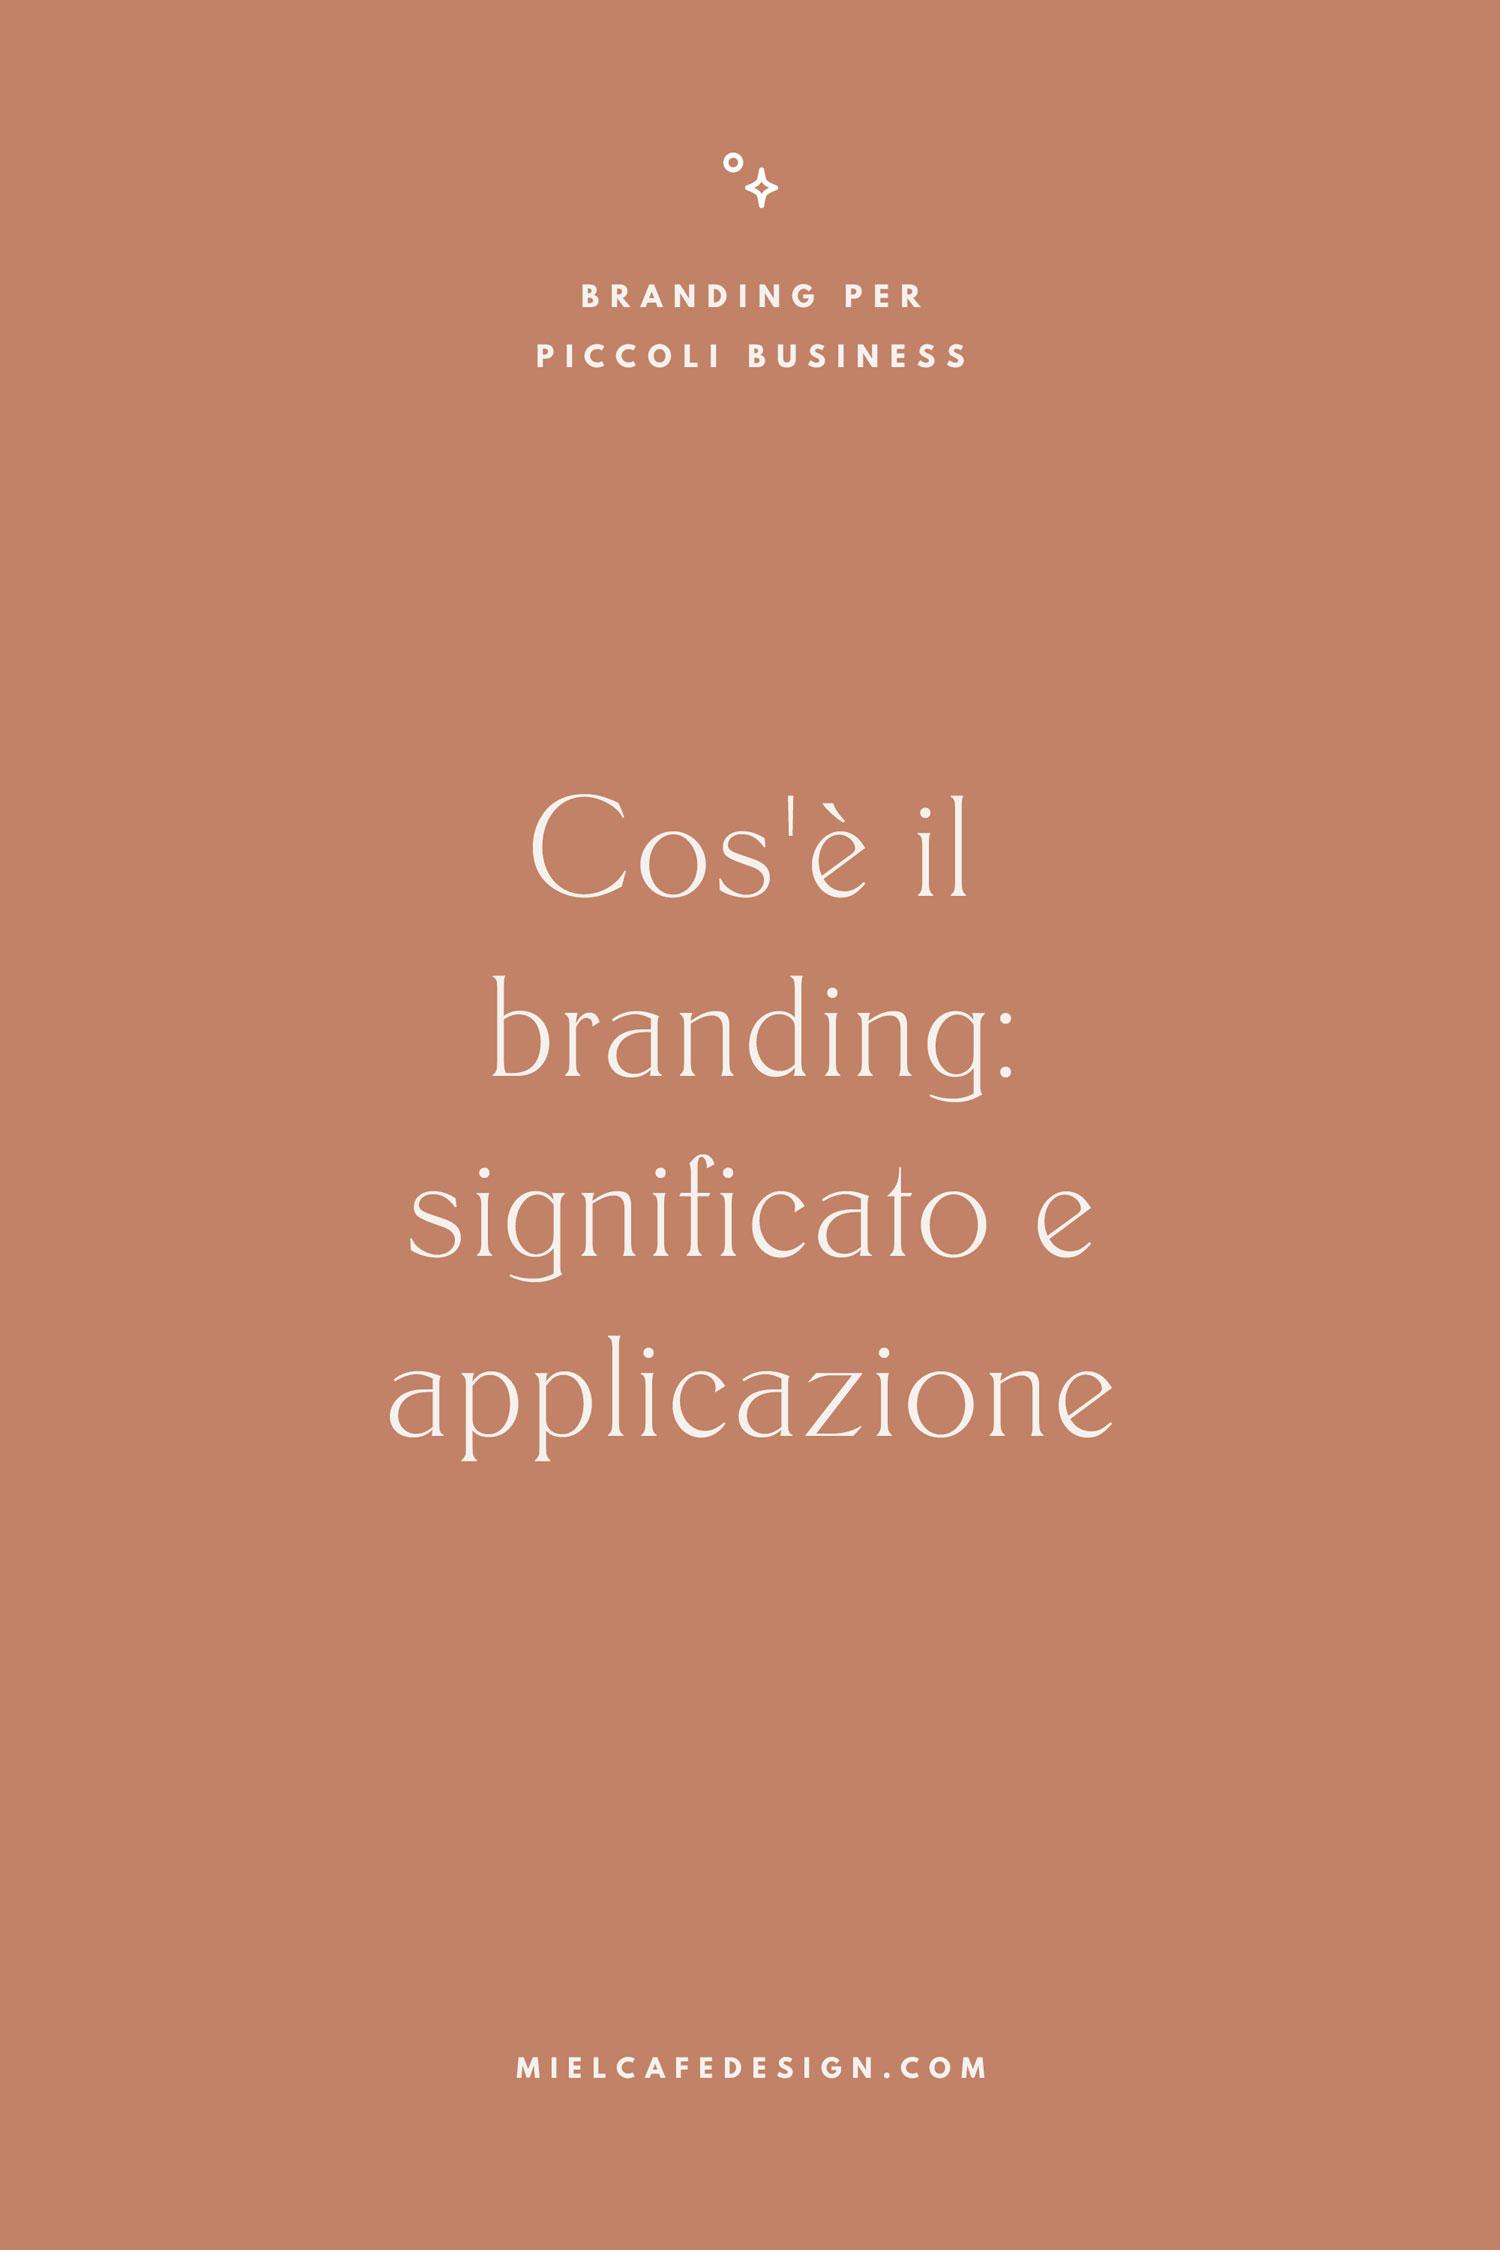 Branding per piccoli business: cos'è il branding, significato e applicazione, differenza tra brand e branding